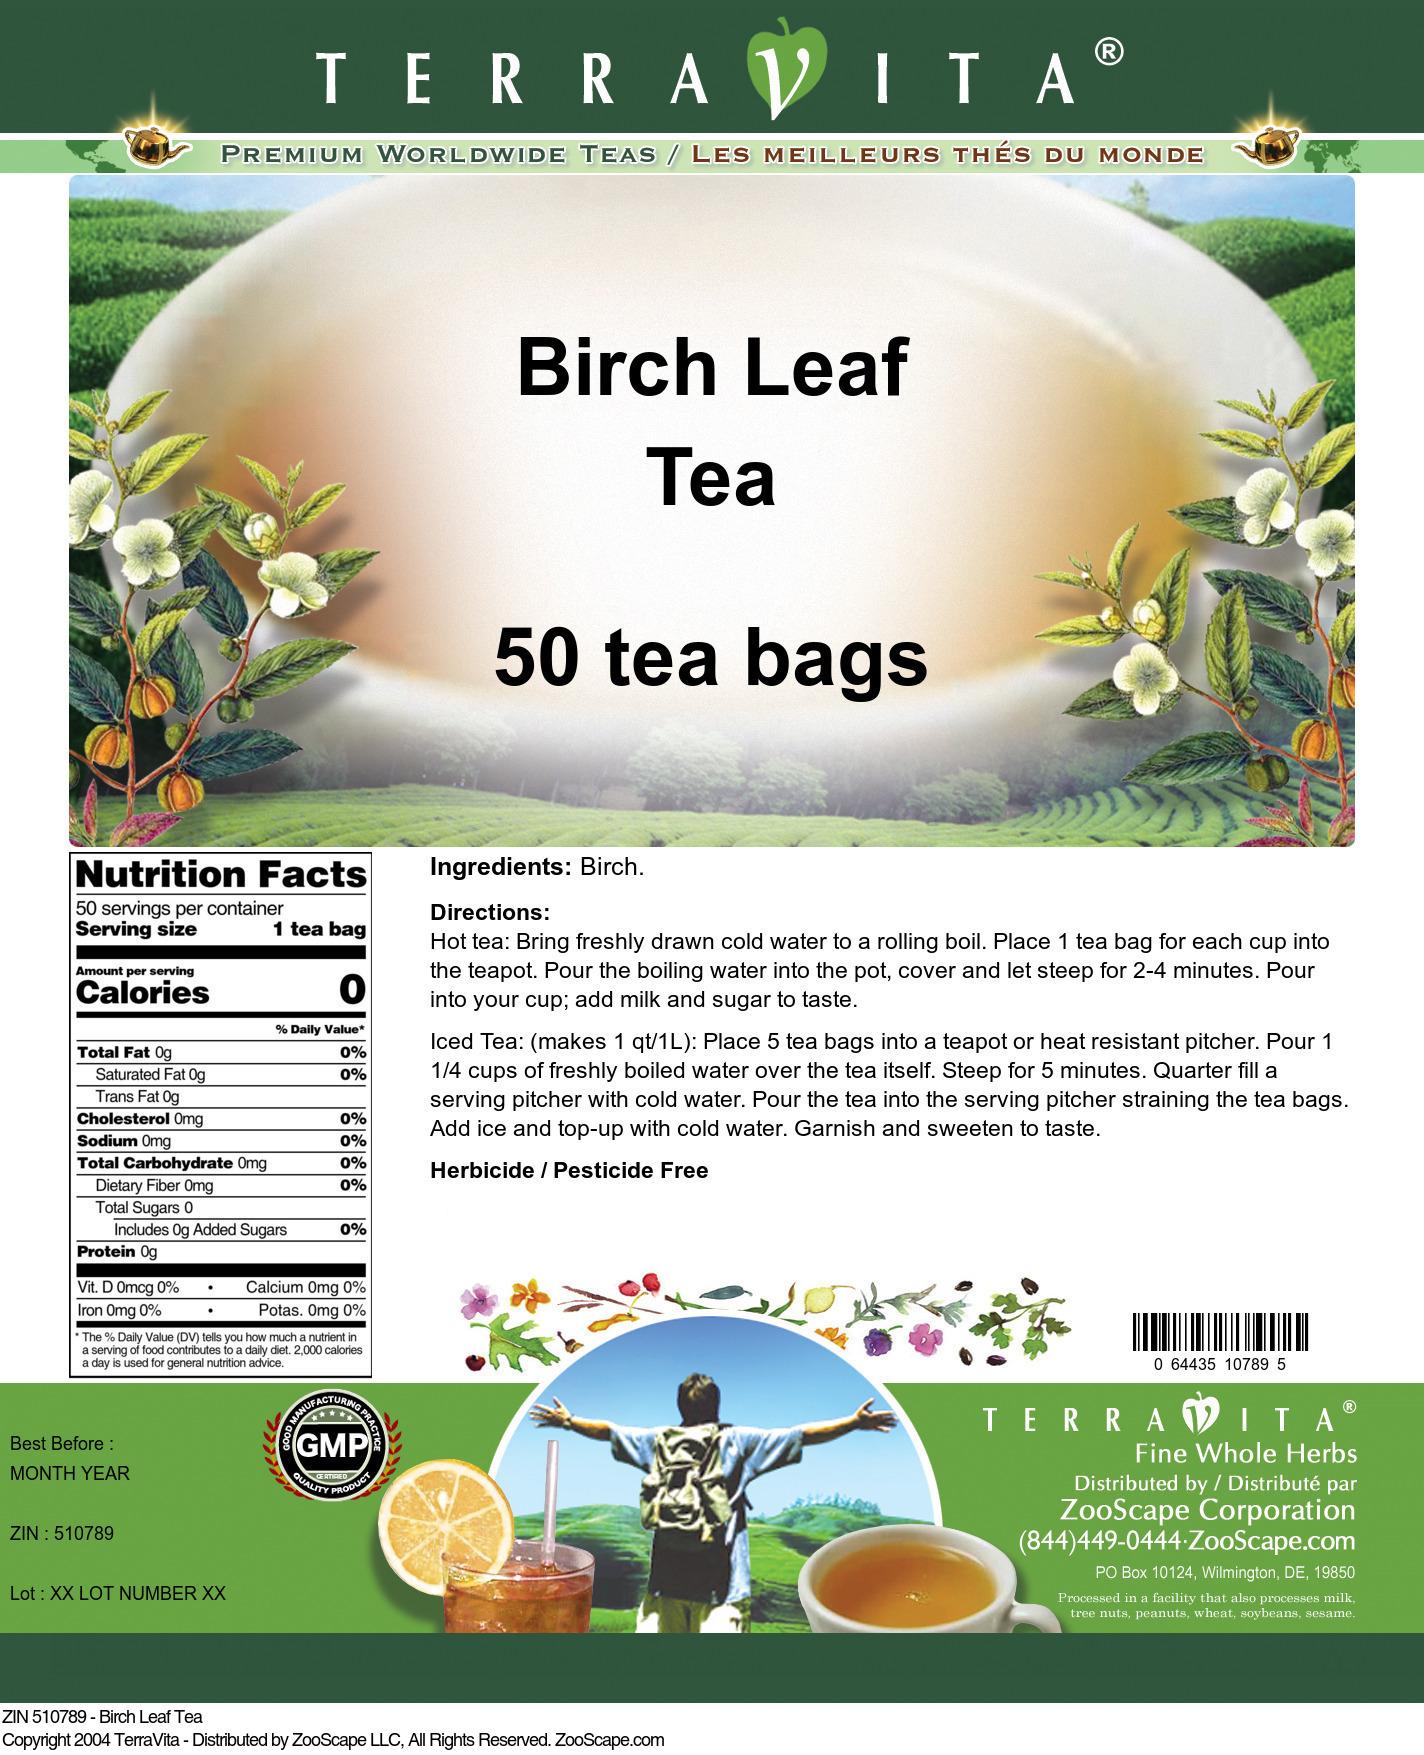 Birch Leaf Tea